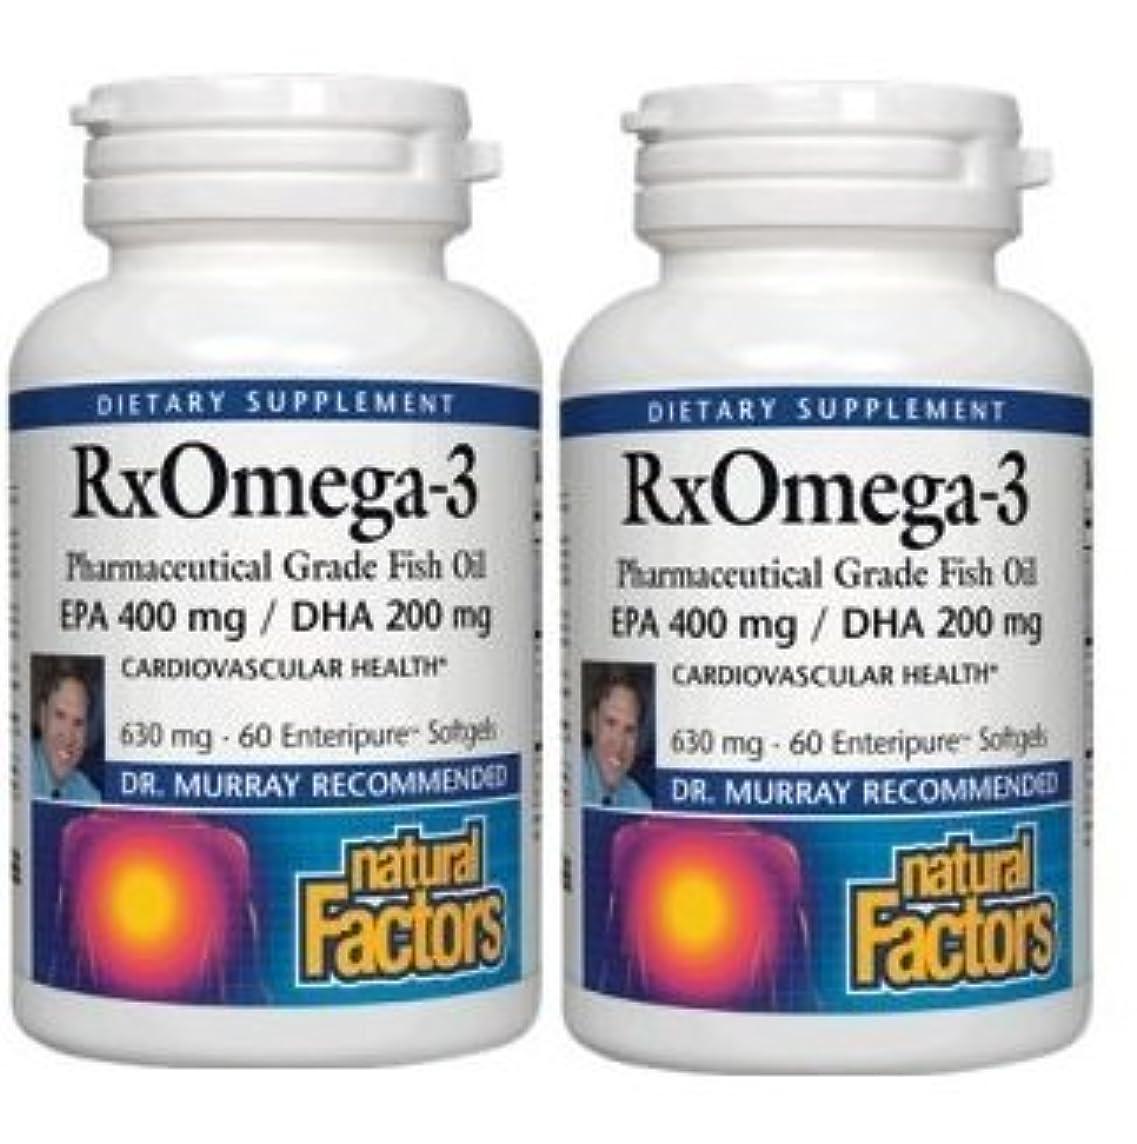 ランデブー販売員より平らな【2本セット】【海外直送品】Natural Factors - RxOmega-3 Factors EPA 400 mg/DHA 200 mg - 60ソフトジェル